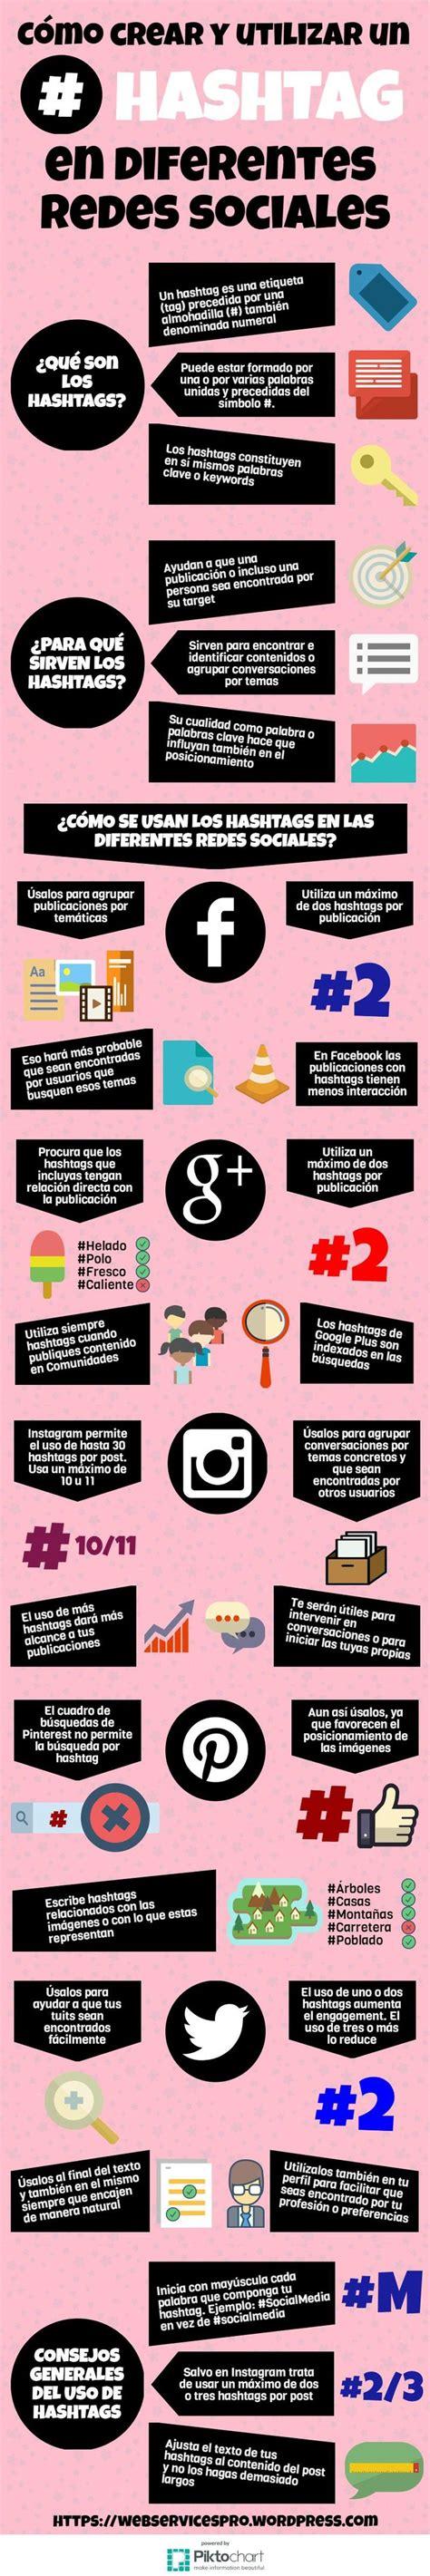 bca marketeers c las 25 mejores ideas sobre redes sociales en pinterest y